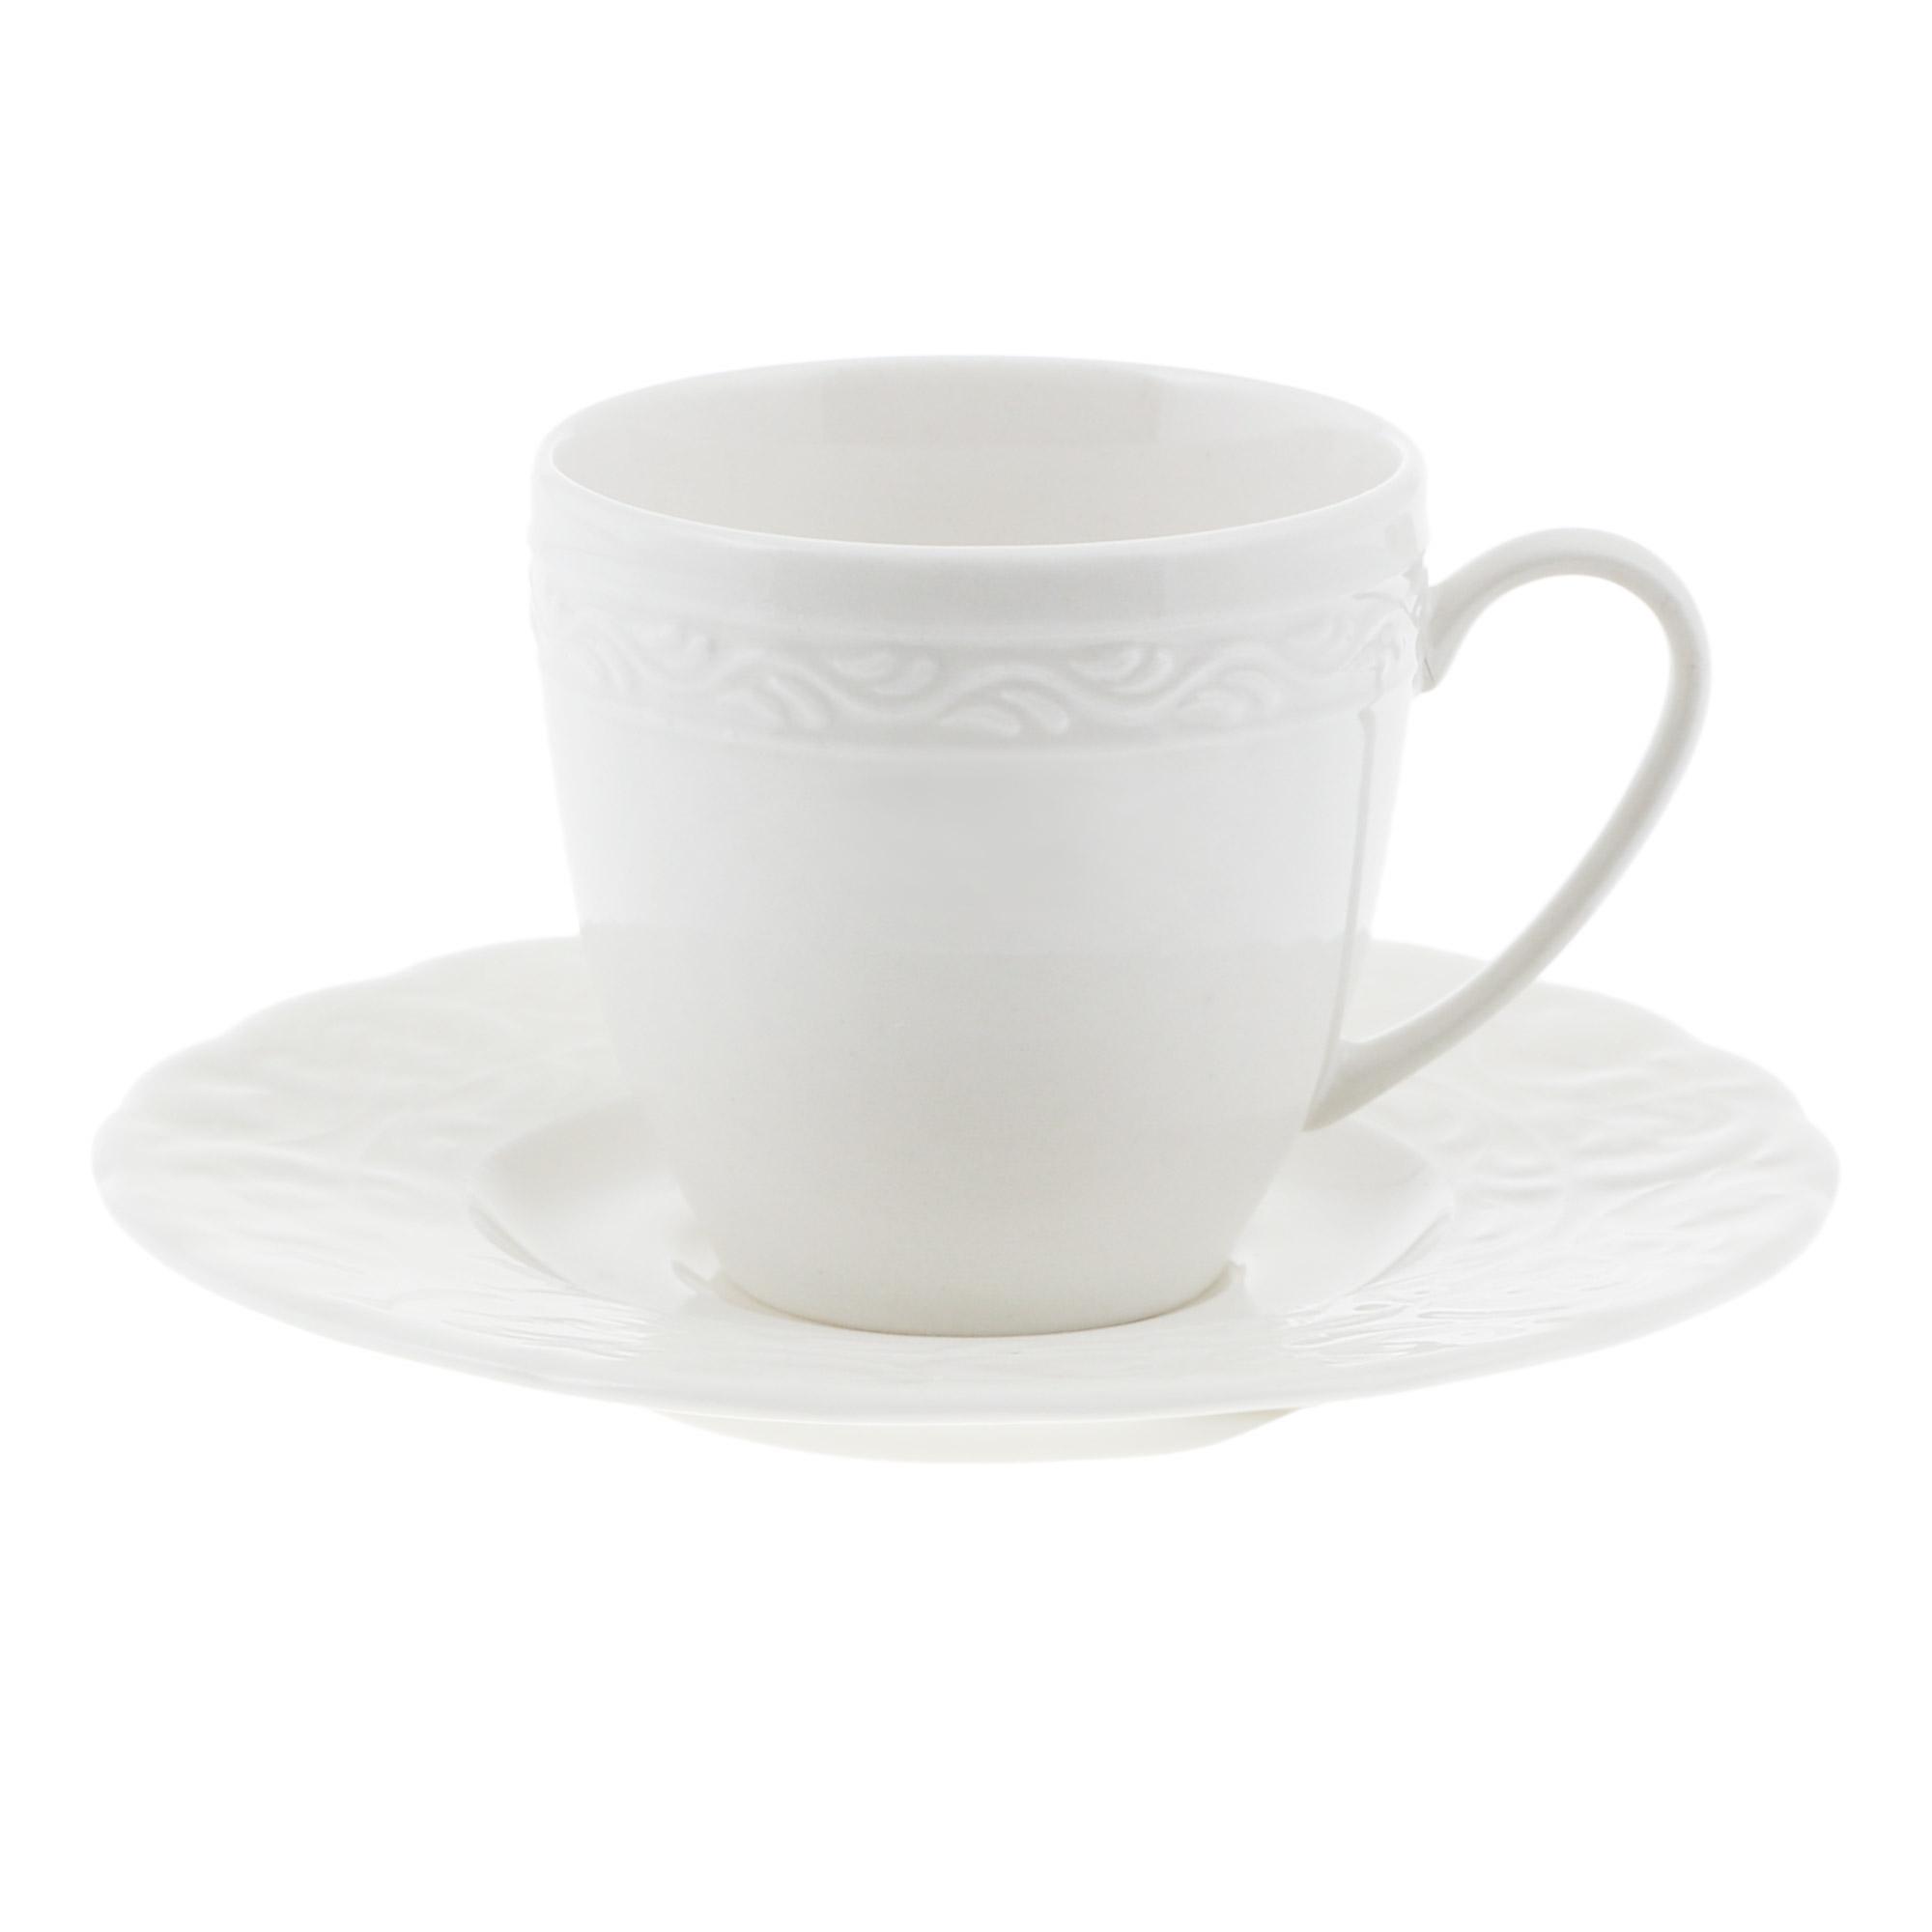 Чашка с блюдцем кофейная 100 мл Kutahya porselen Basak недекорированная